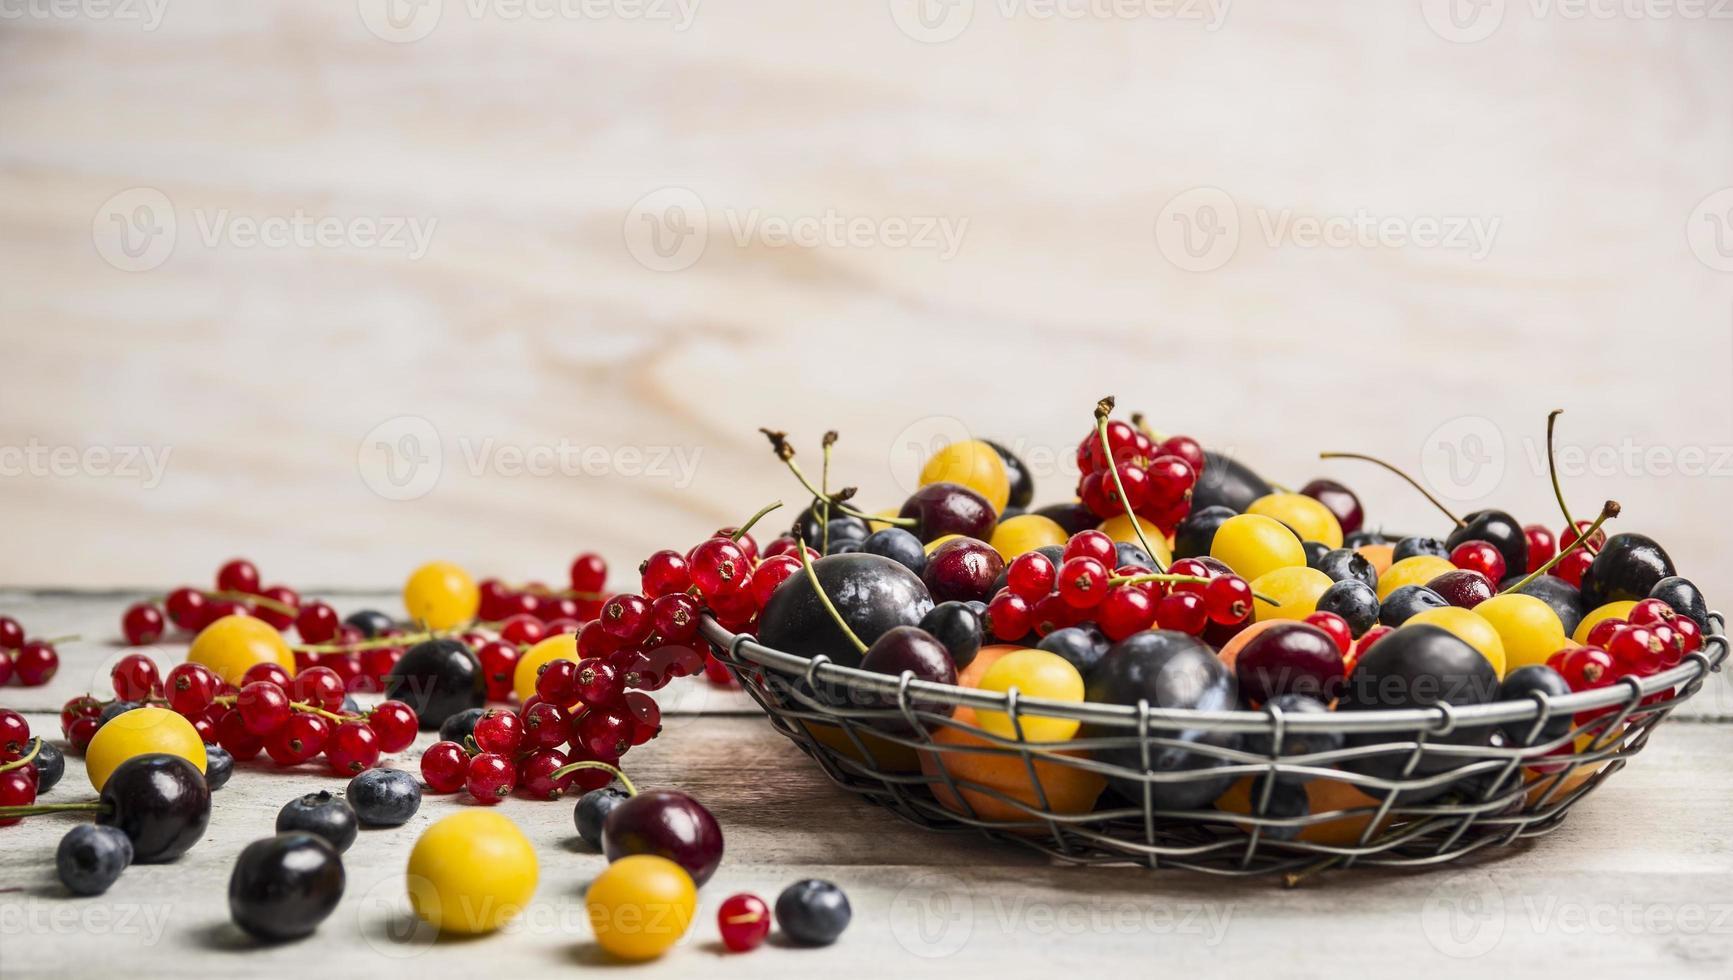 verschiedene Beeren in einem Korb auf einem weißen Hintergrund foto